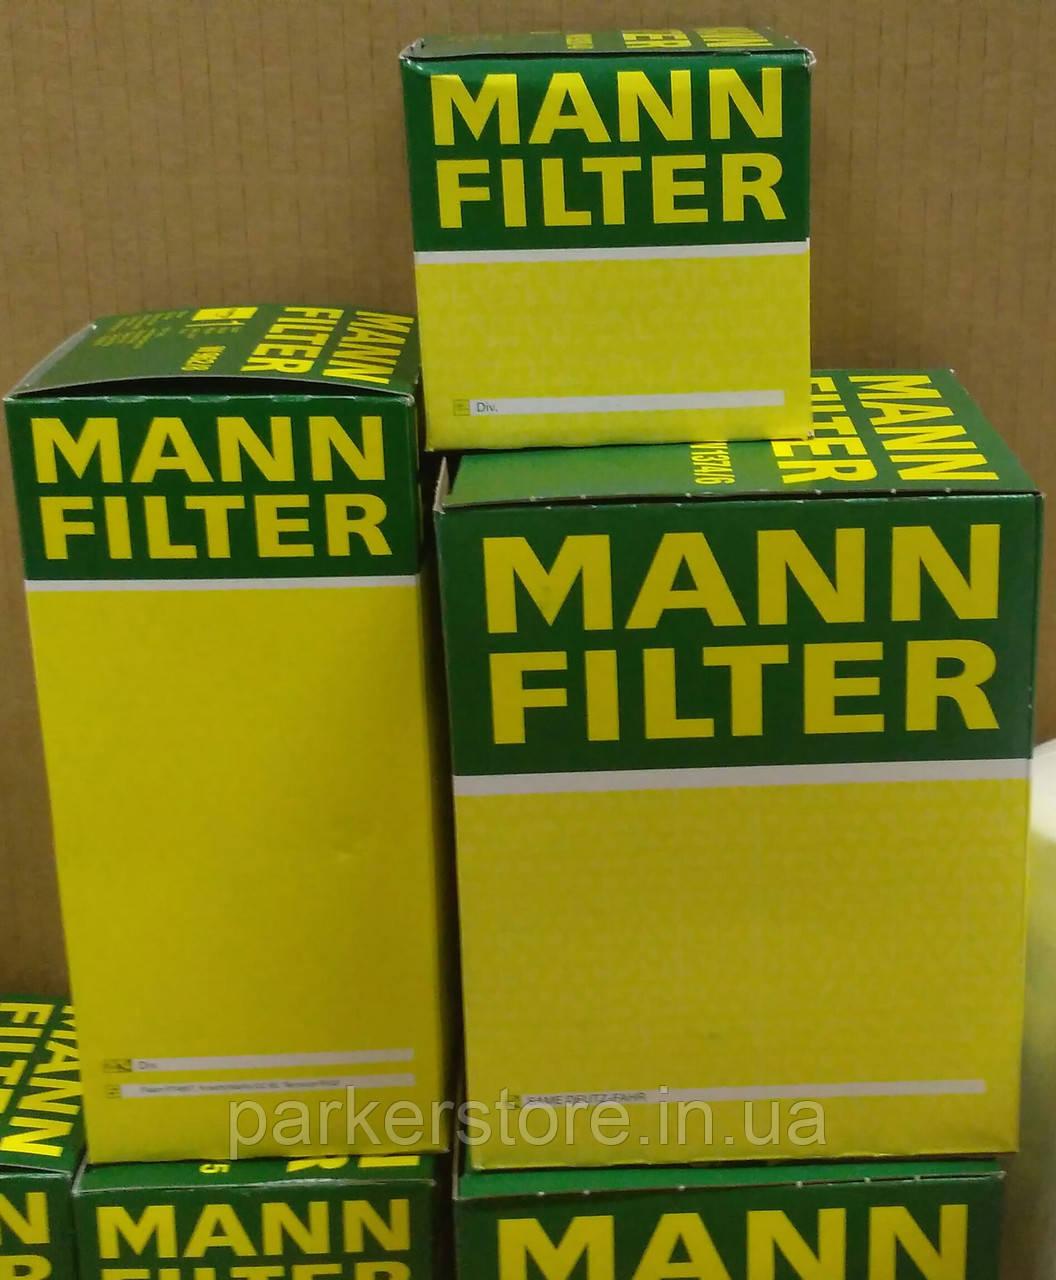 MANN FILTER / Повітряний фільтр / C 16 340 / C16340